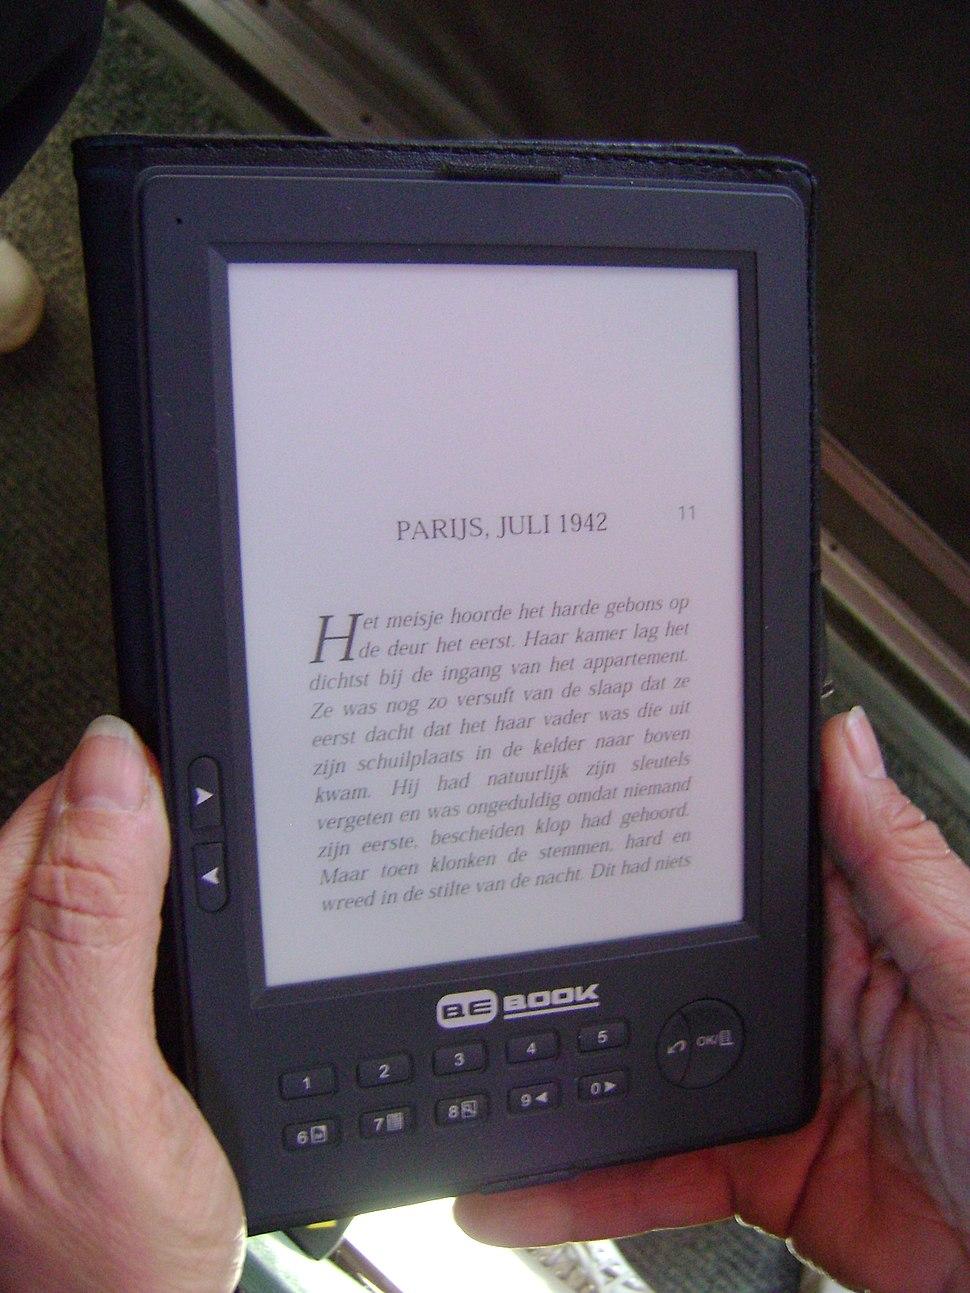 E-Reader held up